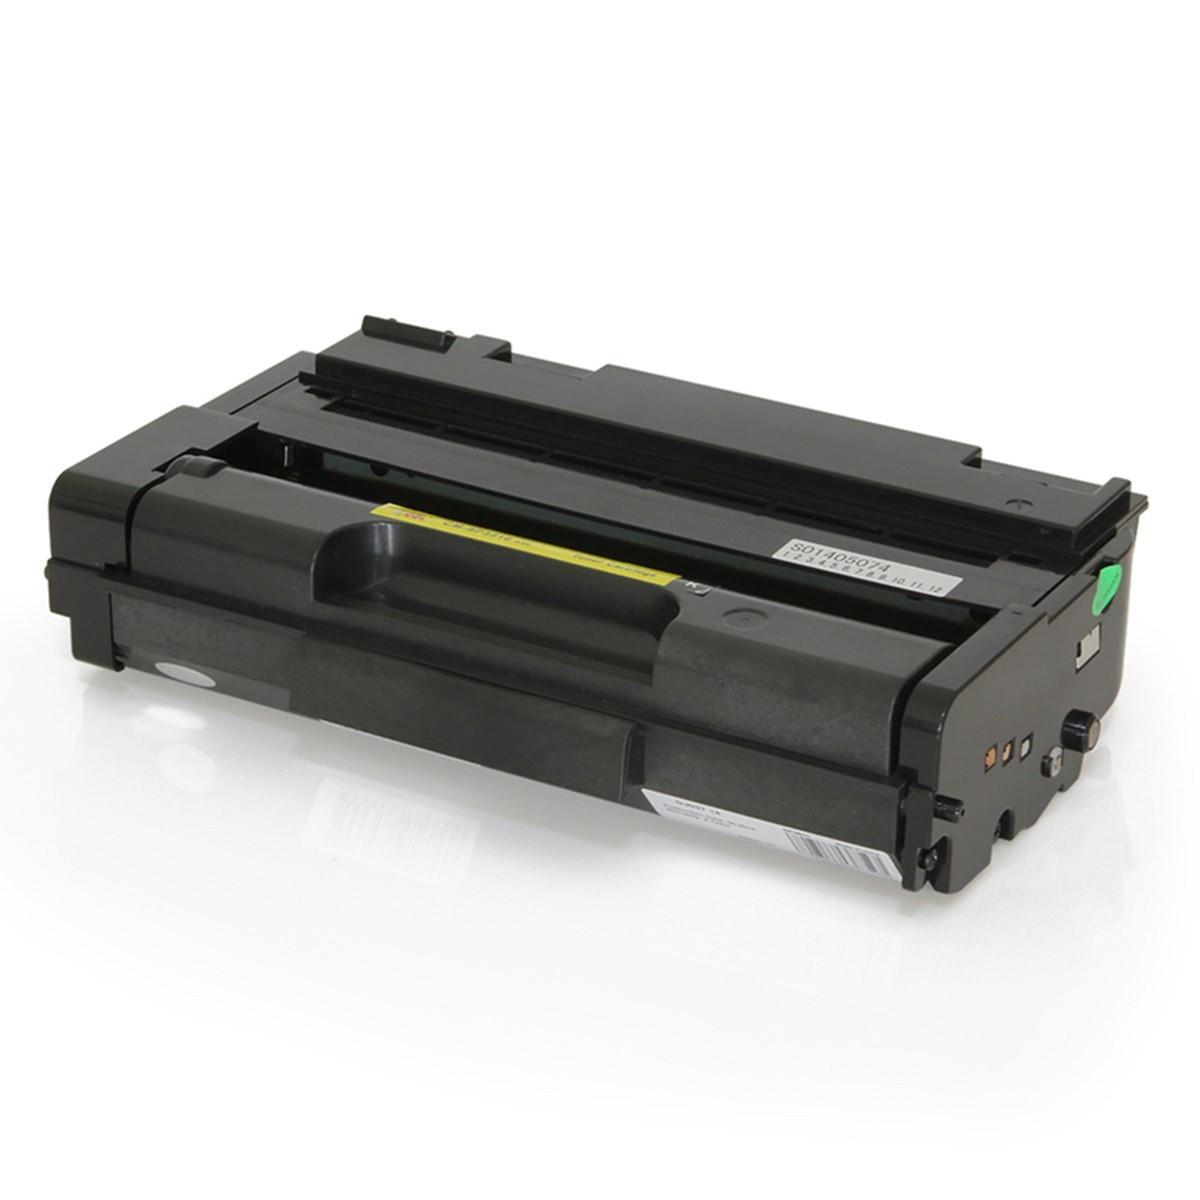 Toner Ricoh Aficio SP3500XA | SP3500 SP3510 SP3500SF SP3510DN SP3500N | Katun Select 6.4k